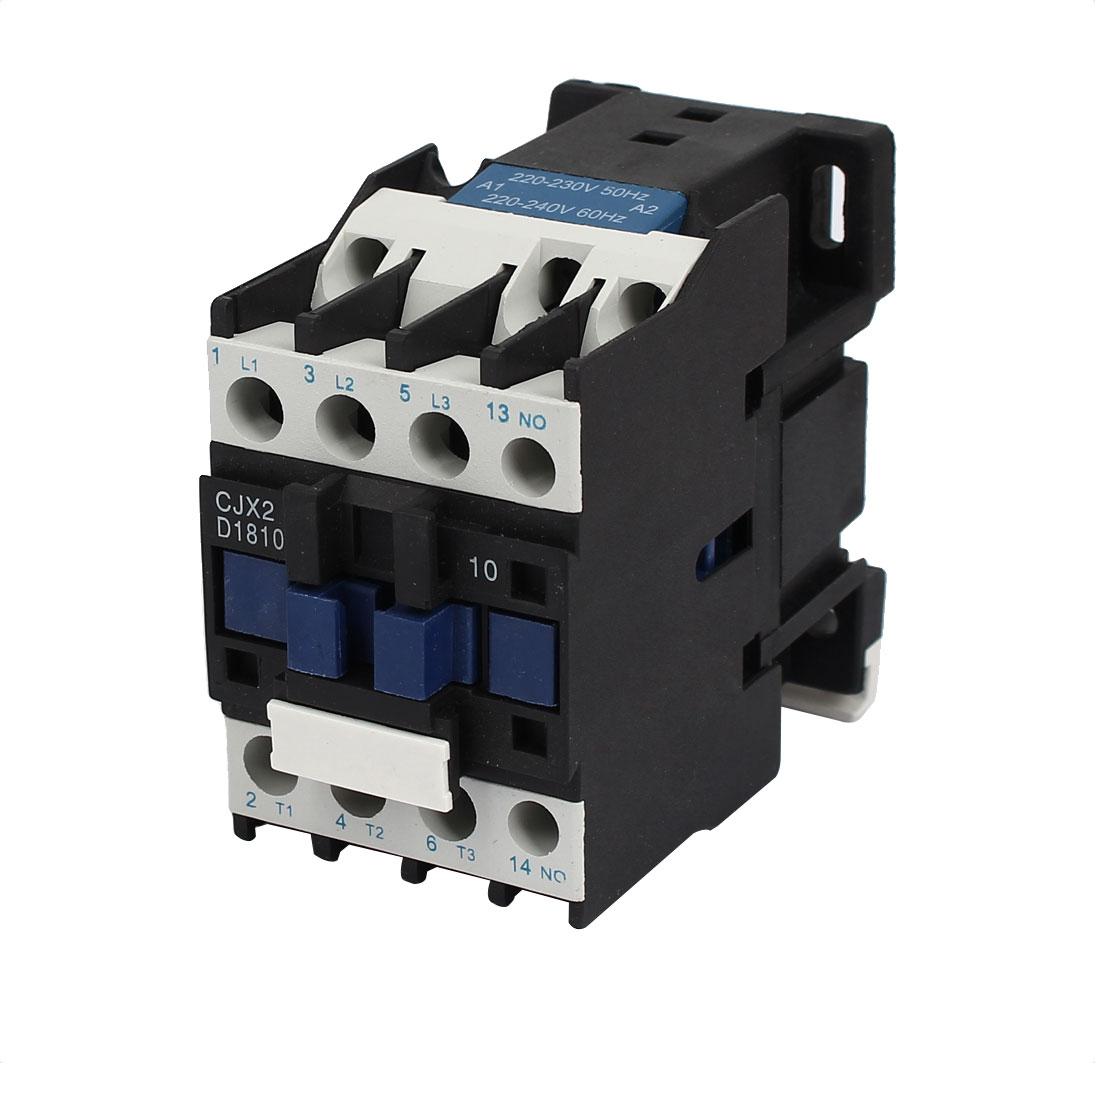 CJX2-D1810 220V Coil 3 Pole Phase 3P 1NO Switch Ith 25A Ui 660V AC Contactor